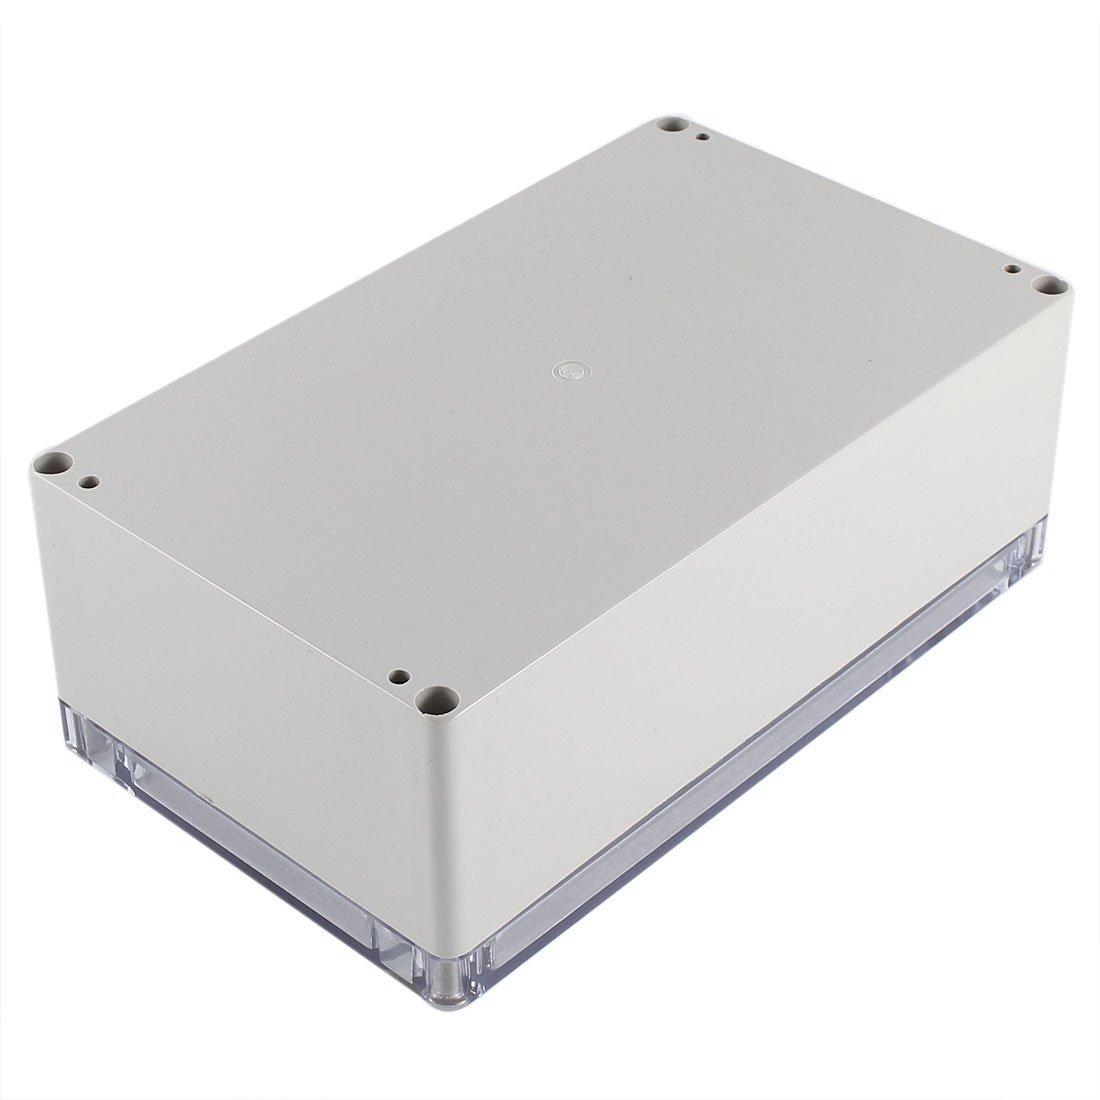 Caja de conexiones - SODIAL(R) Caja de proyecto electronico de armario impermeable de plastico 200x120x75mm